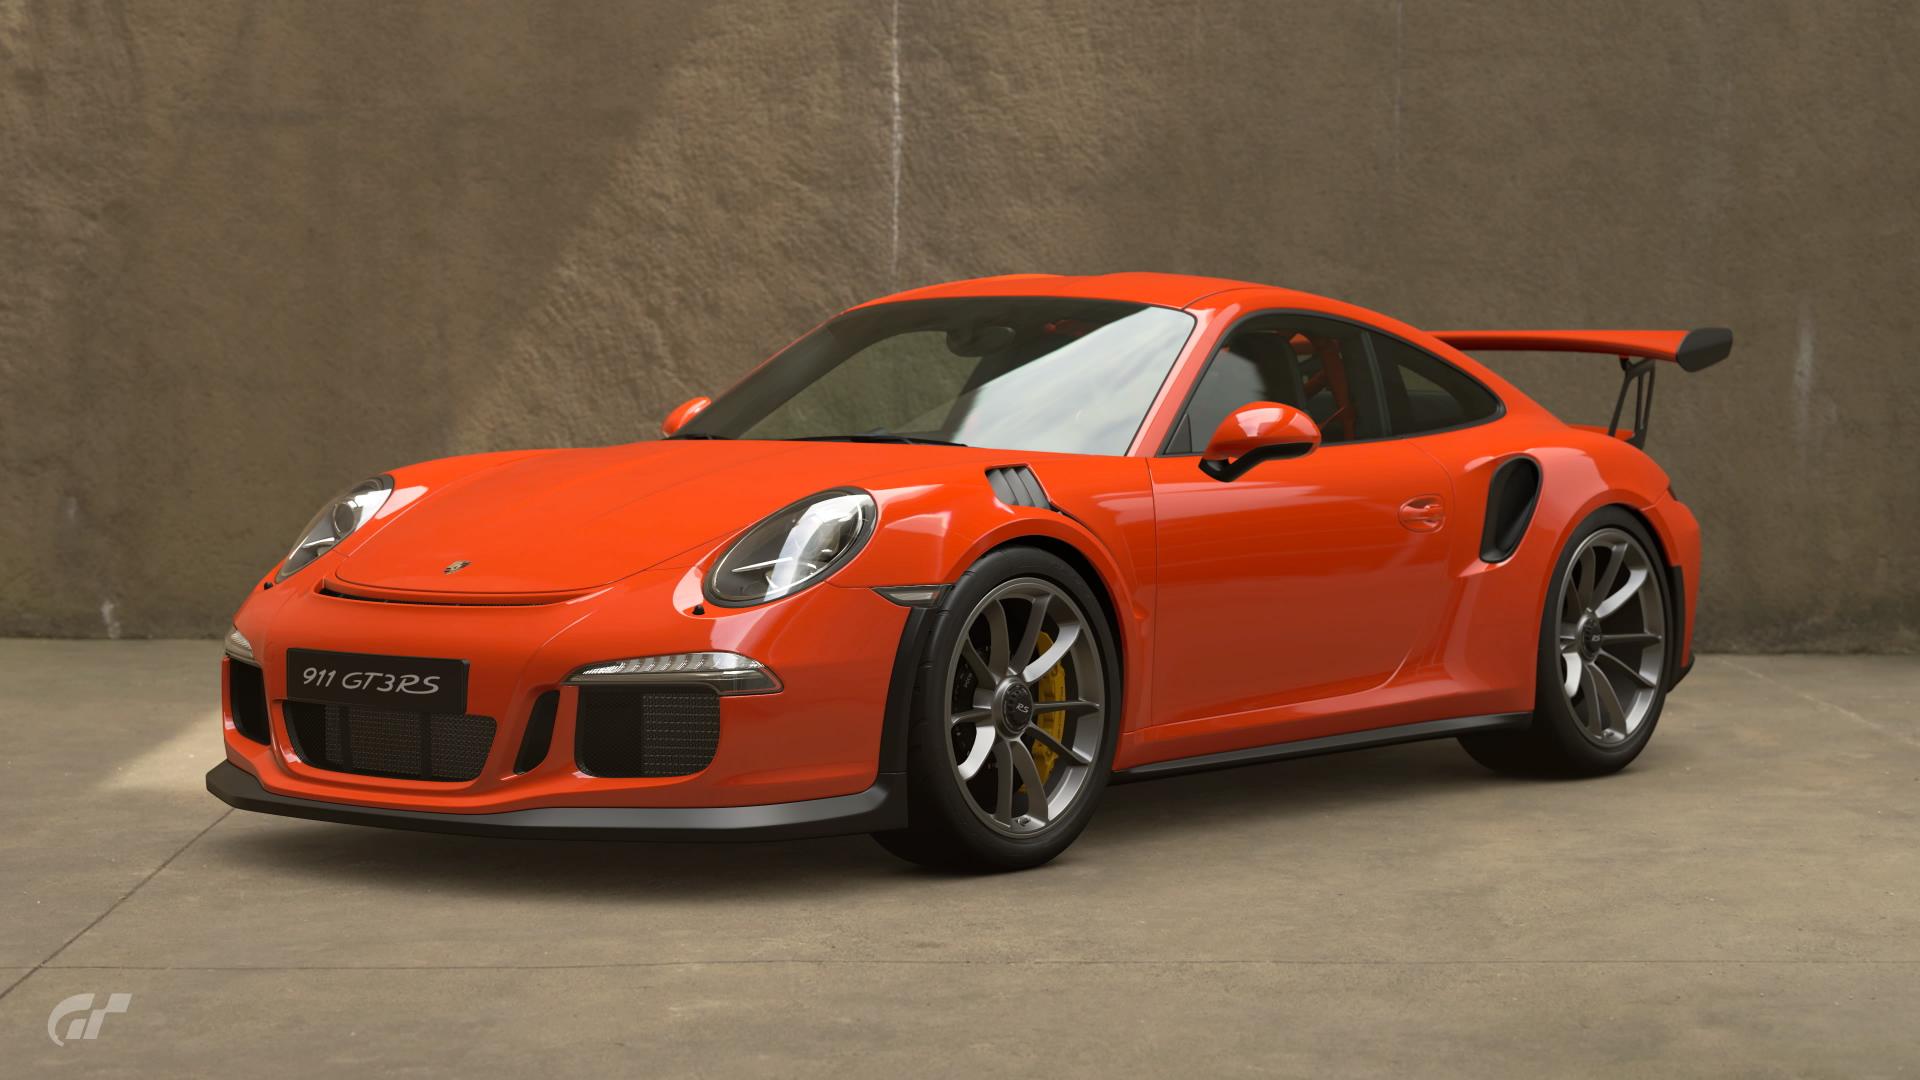 Porsche 911 GT3 RS (991) '16 | Gran Turismo Wiki | FANDOM powered by ...